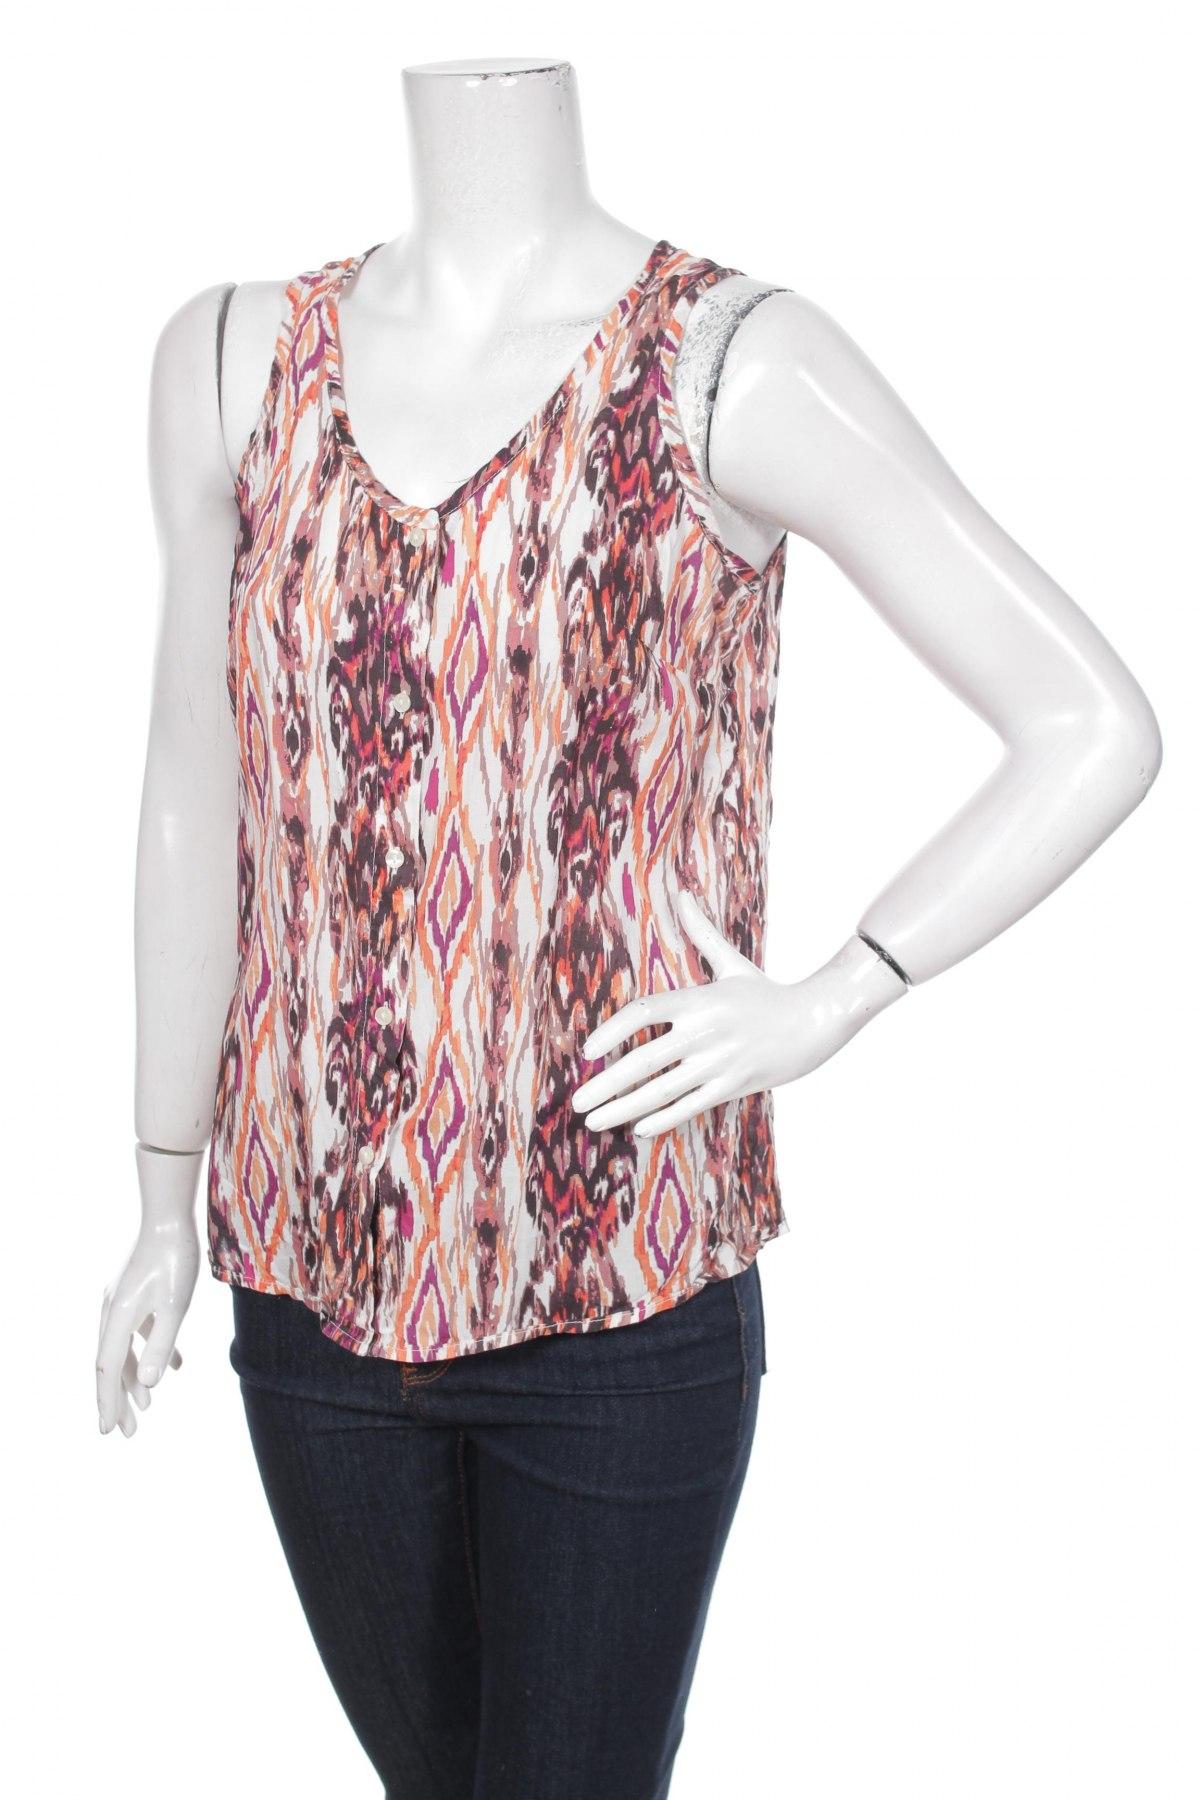 Γυναικείο πουκάμισο Faded Glory, Μέγεθος M, Χρώμα Πολύχρωμο, Βισκόζη, Τιμή 11,13€